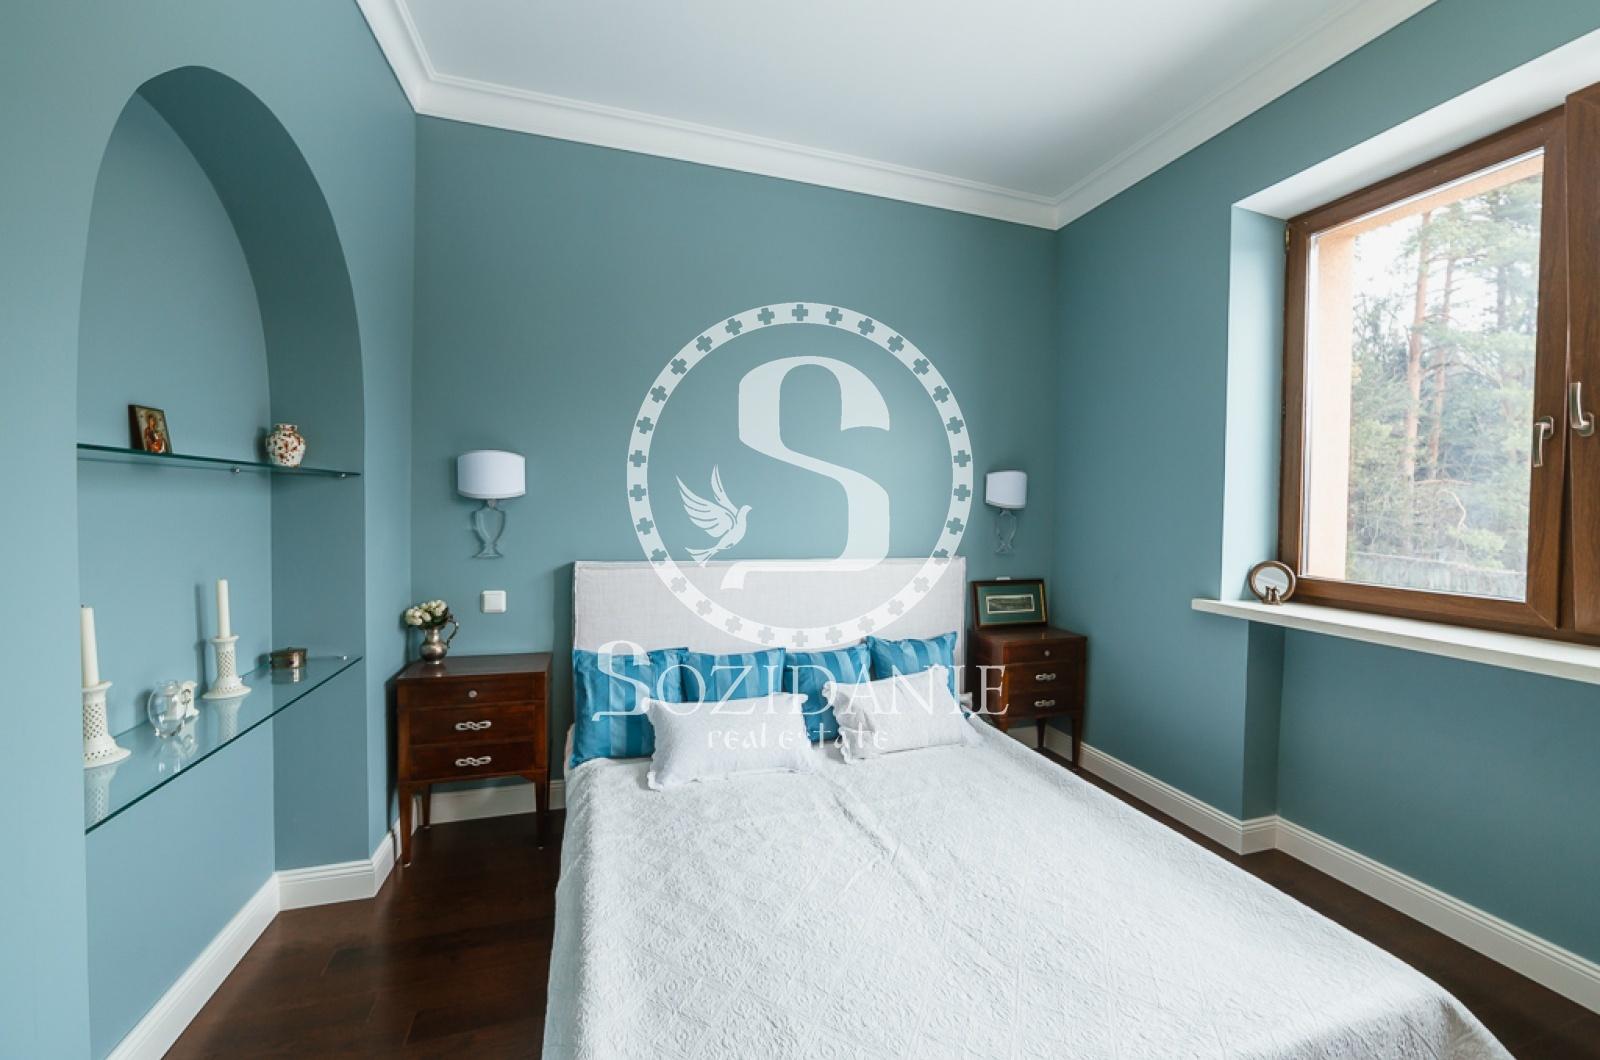 4 Bedrooms, Загородная, Продажа, Listing ID 3361, Московская область, Россия,